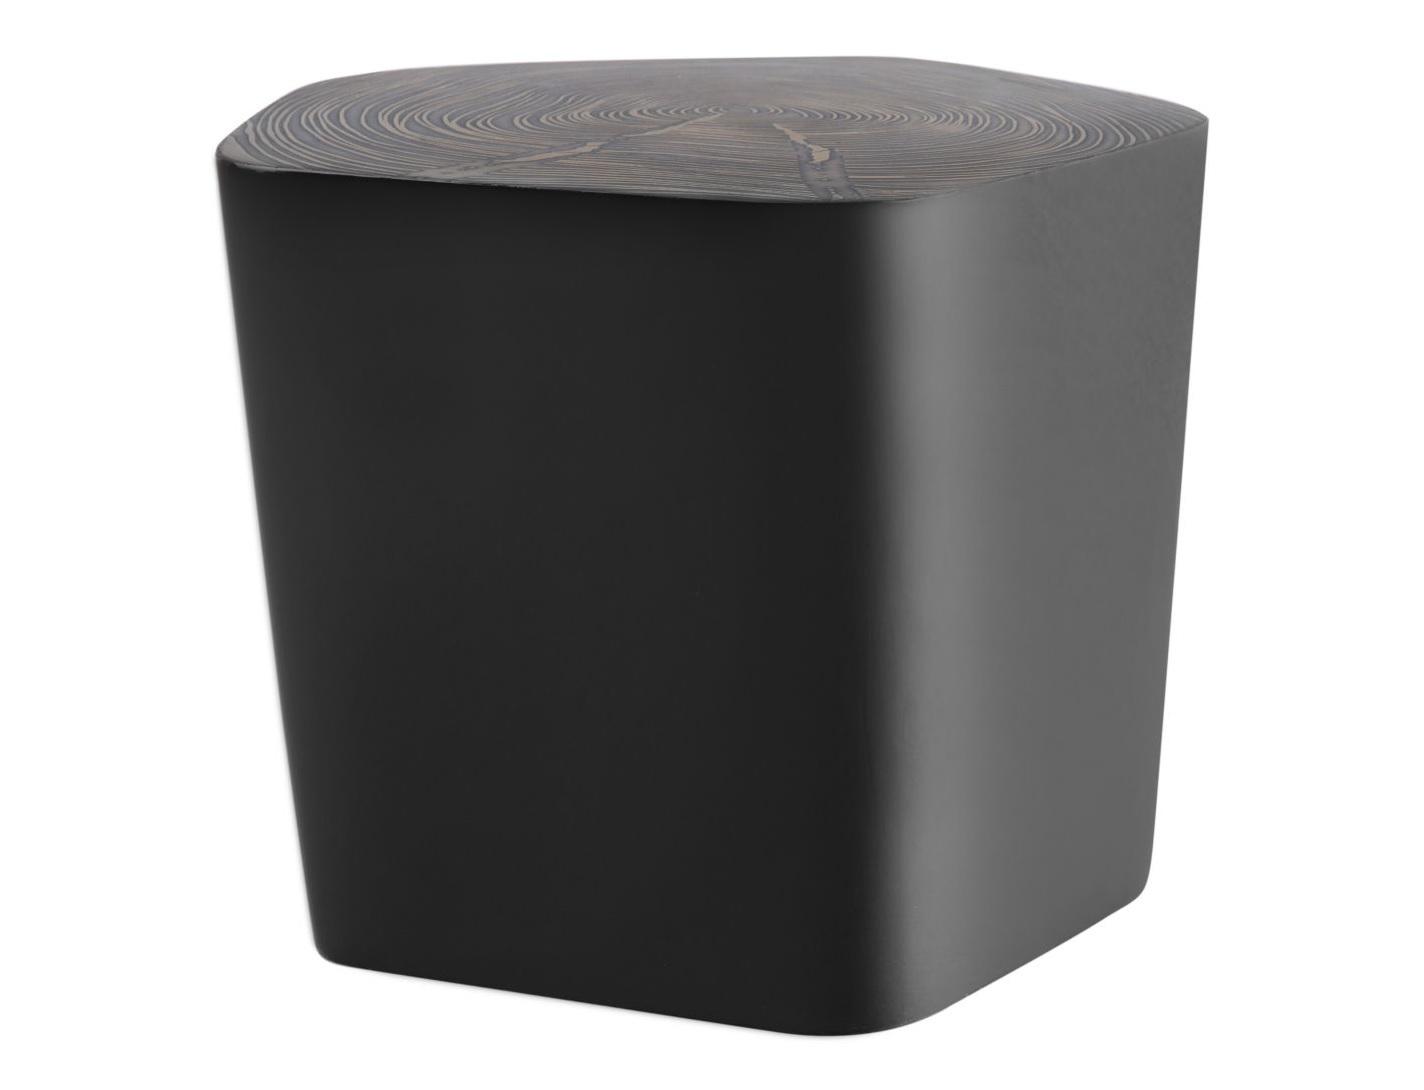 Стол журнальный ThomasЖурнальные столики<br><br><br>Material: Пластик<br>Ширина см: 45<br>Высота см: 38<br>Глубина см: 43